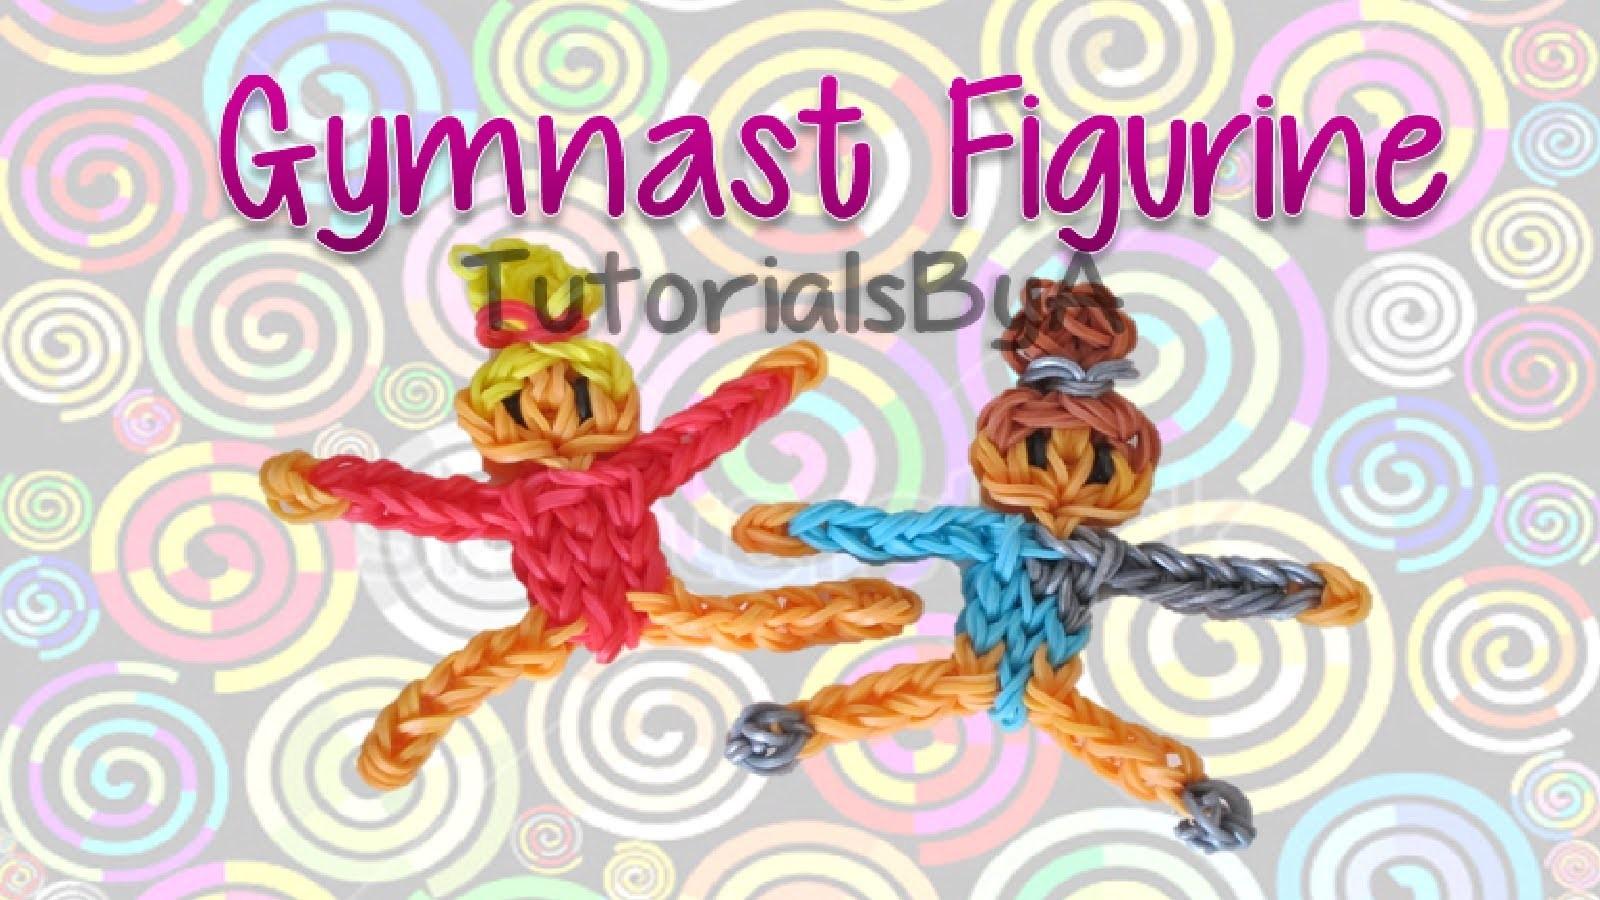 Gymnast Action Figurine.Figurine Rainbow Loom Tutorial